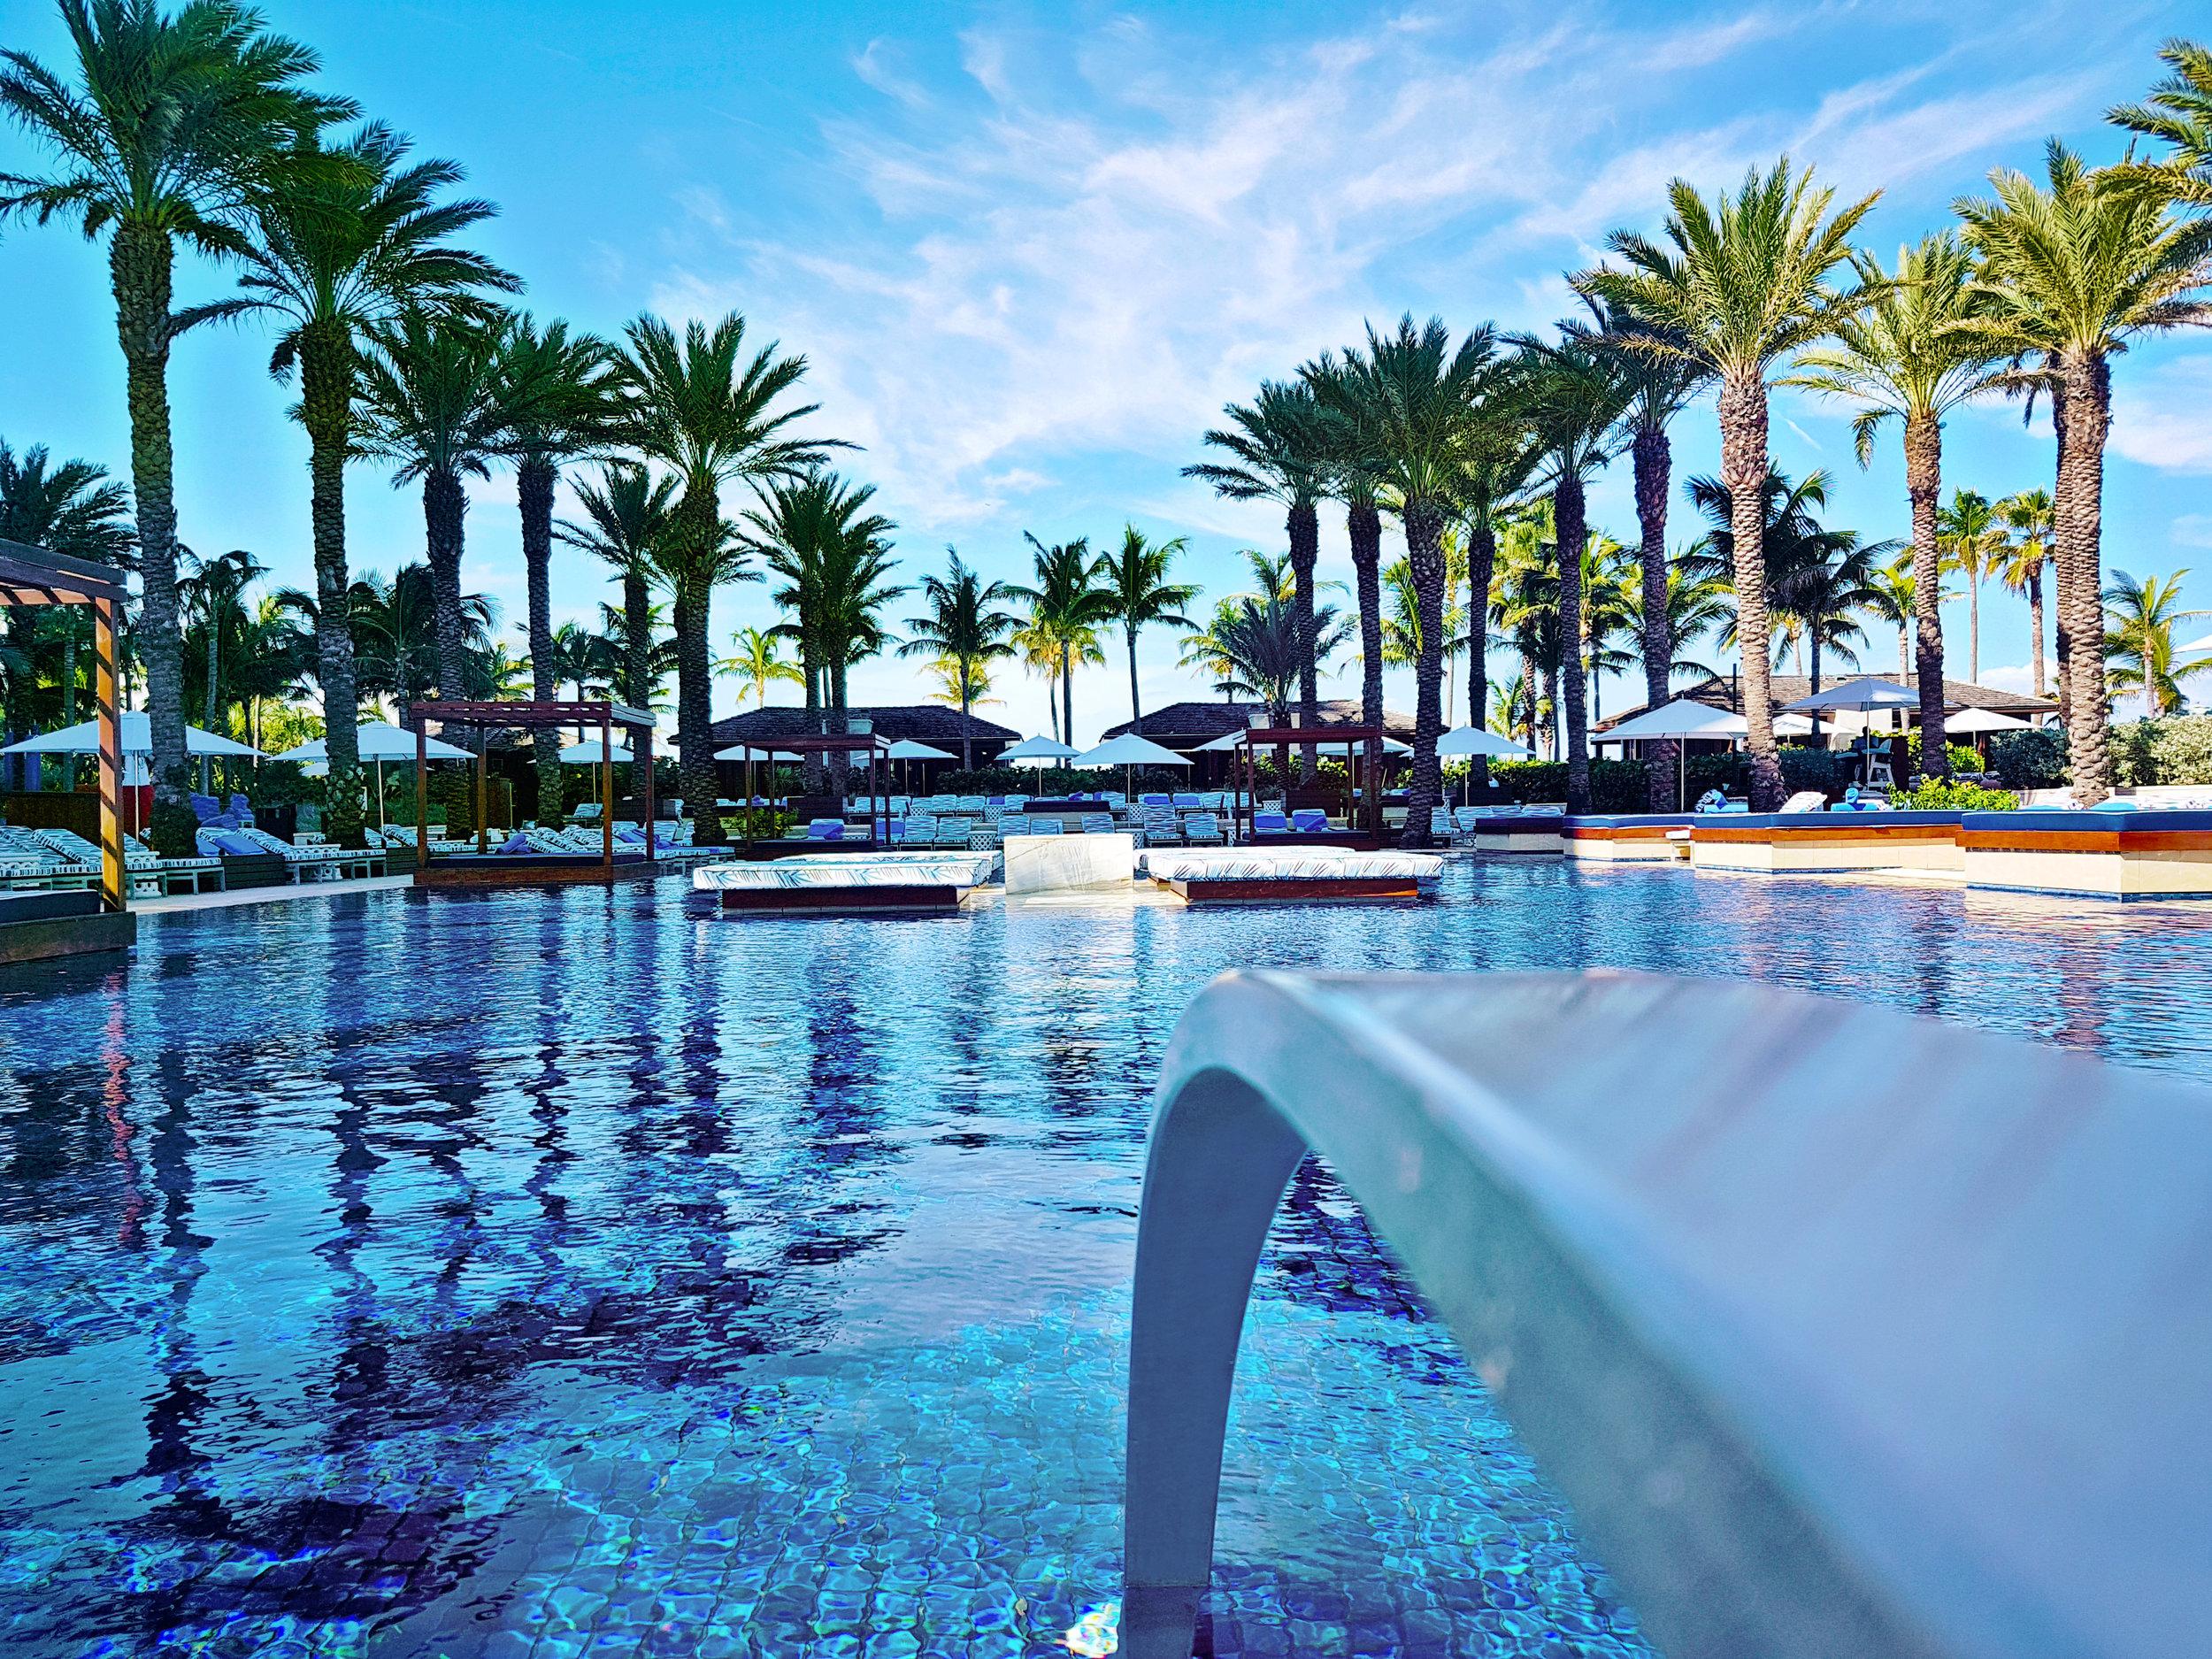 Pool DL Image_1.jpg